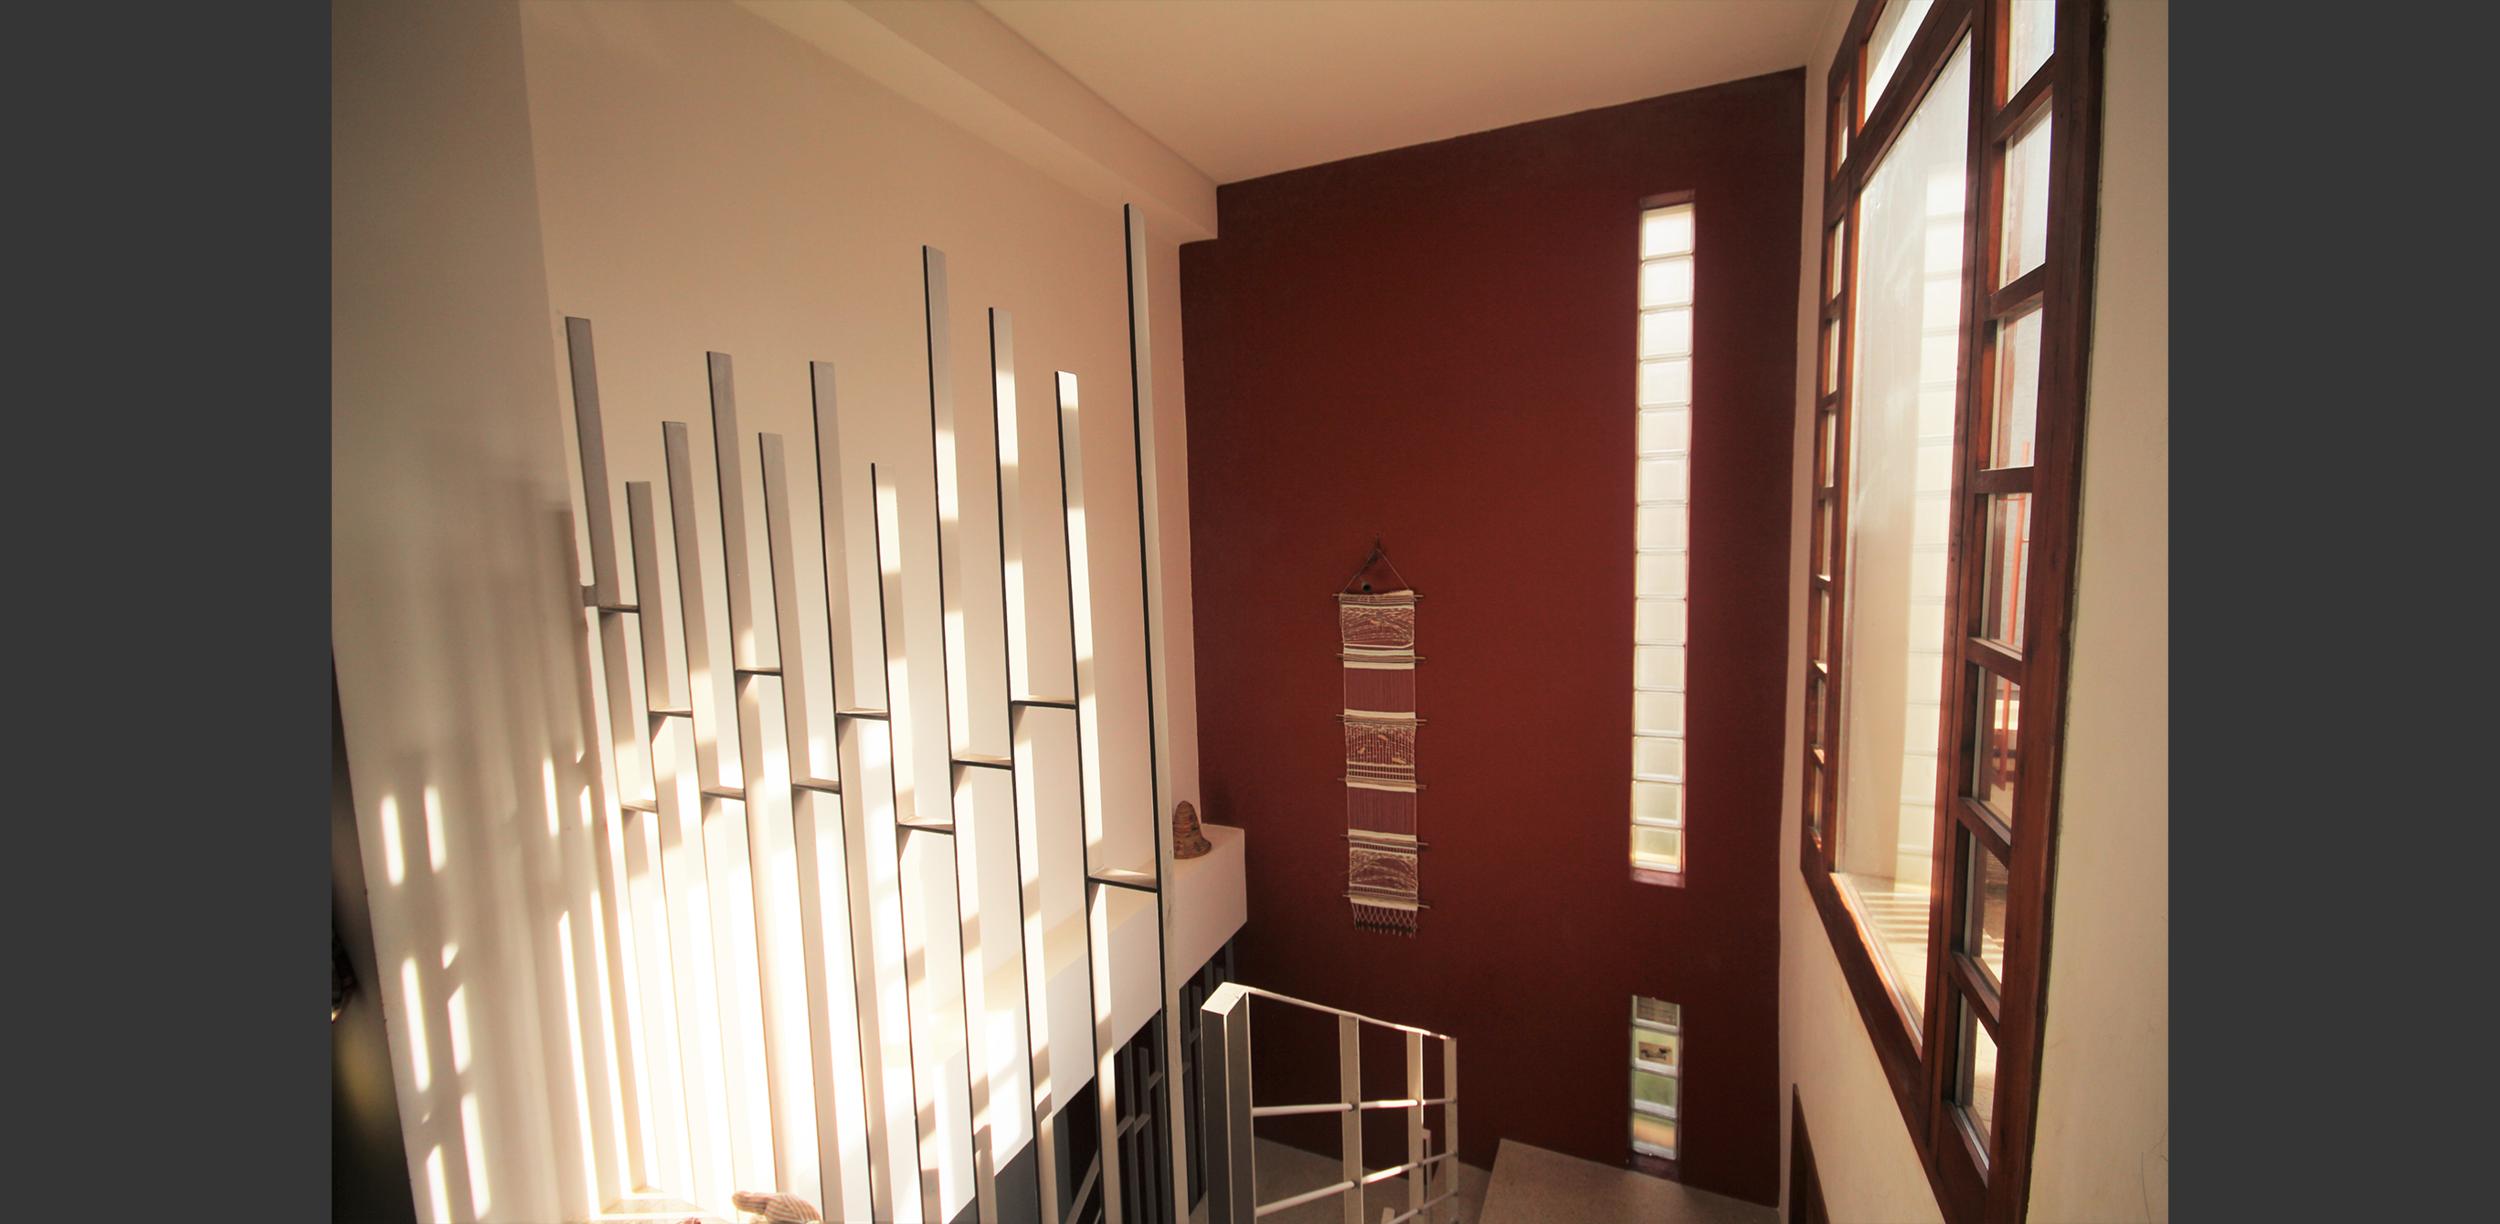 Garde corps Maison à quatre patios Kolea, Atelier Messaoudi architecture aménagement et design. Bureau d'étude Algérie.